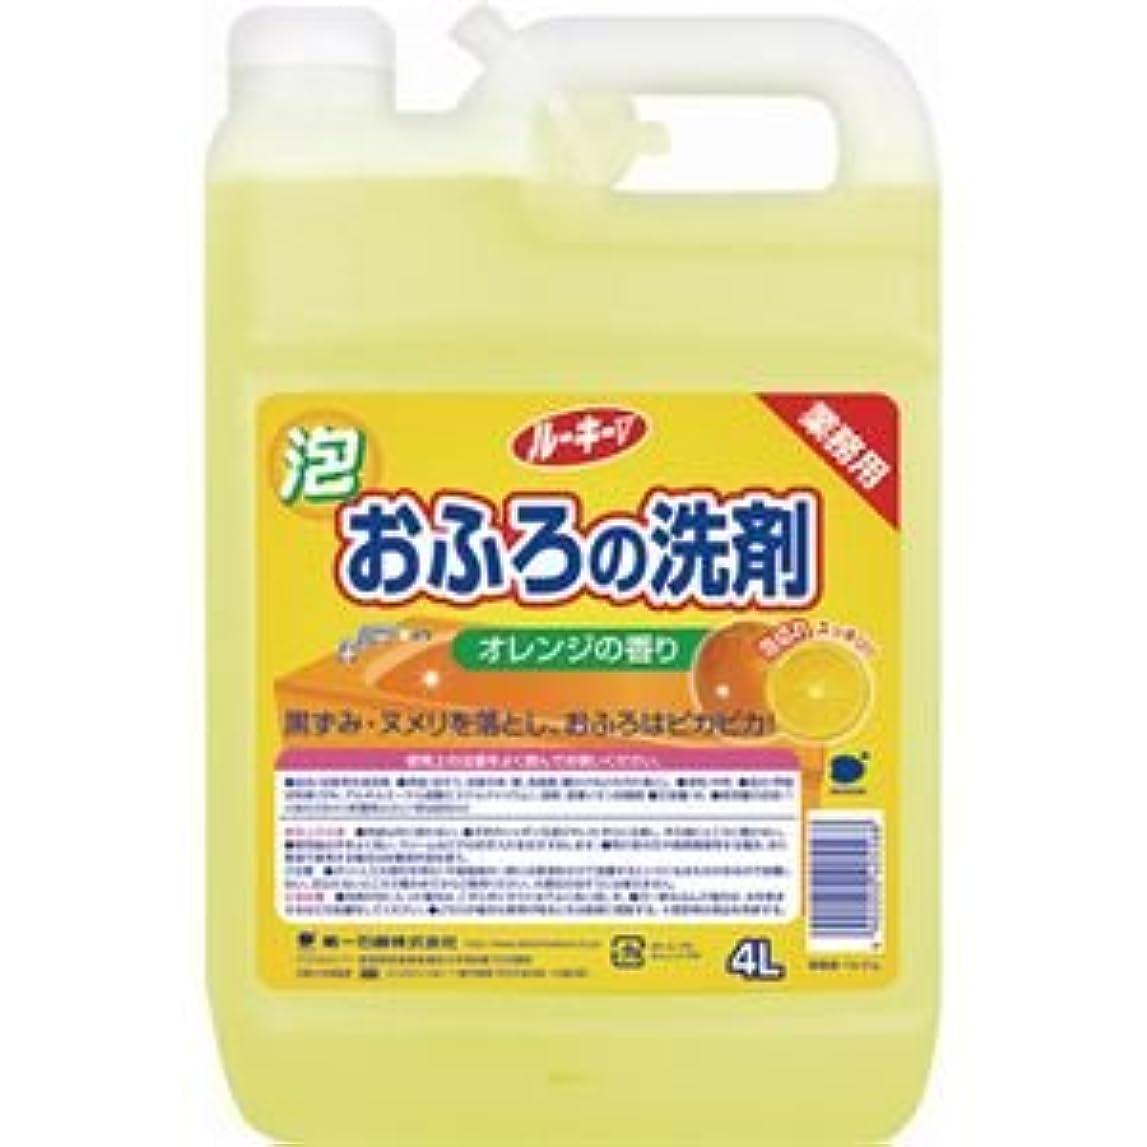 散文時間肉の(まとめ) 第一石鹸 ルーキーV おふろ洗剤 業務用 4L 1本 【×5セット】